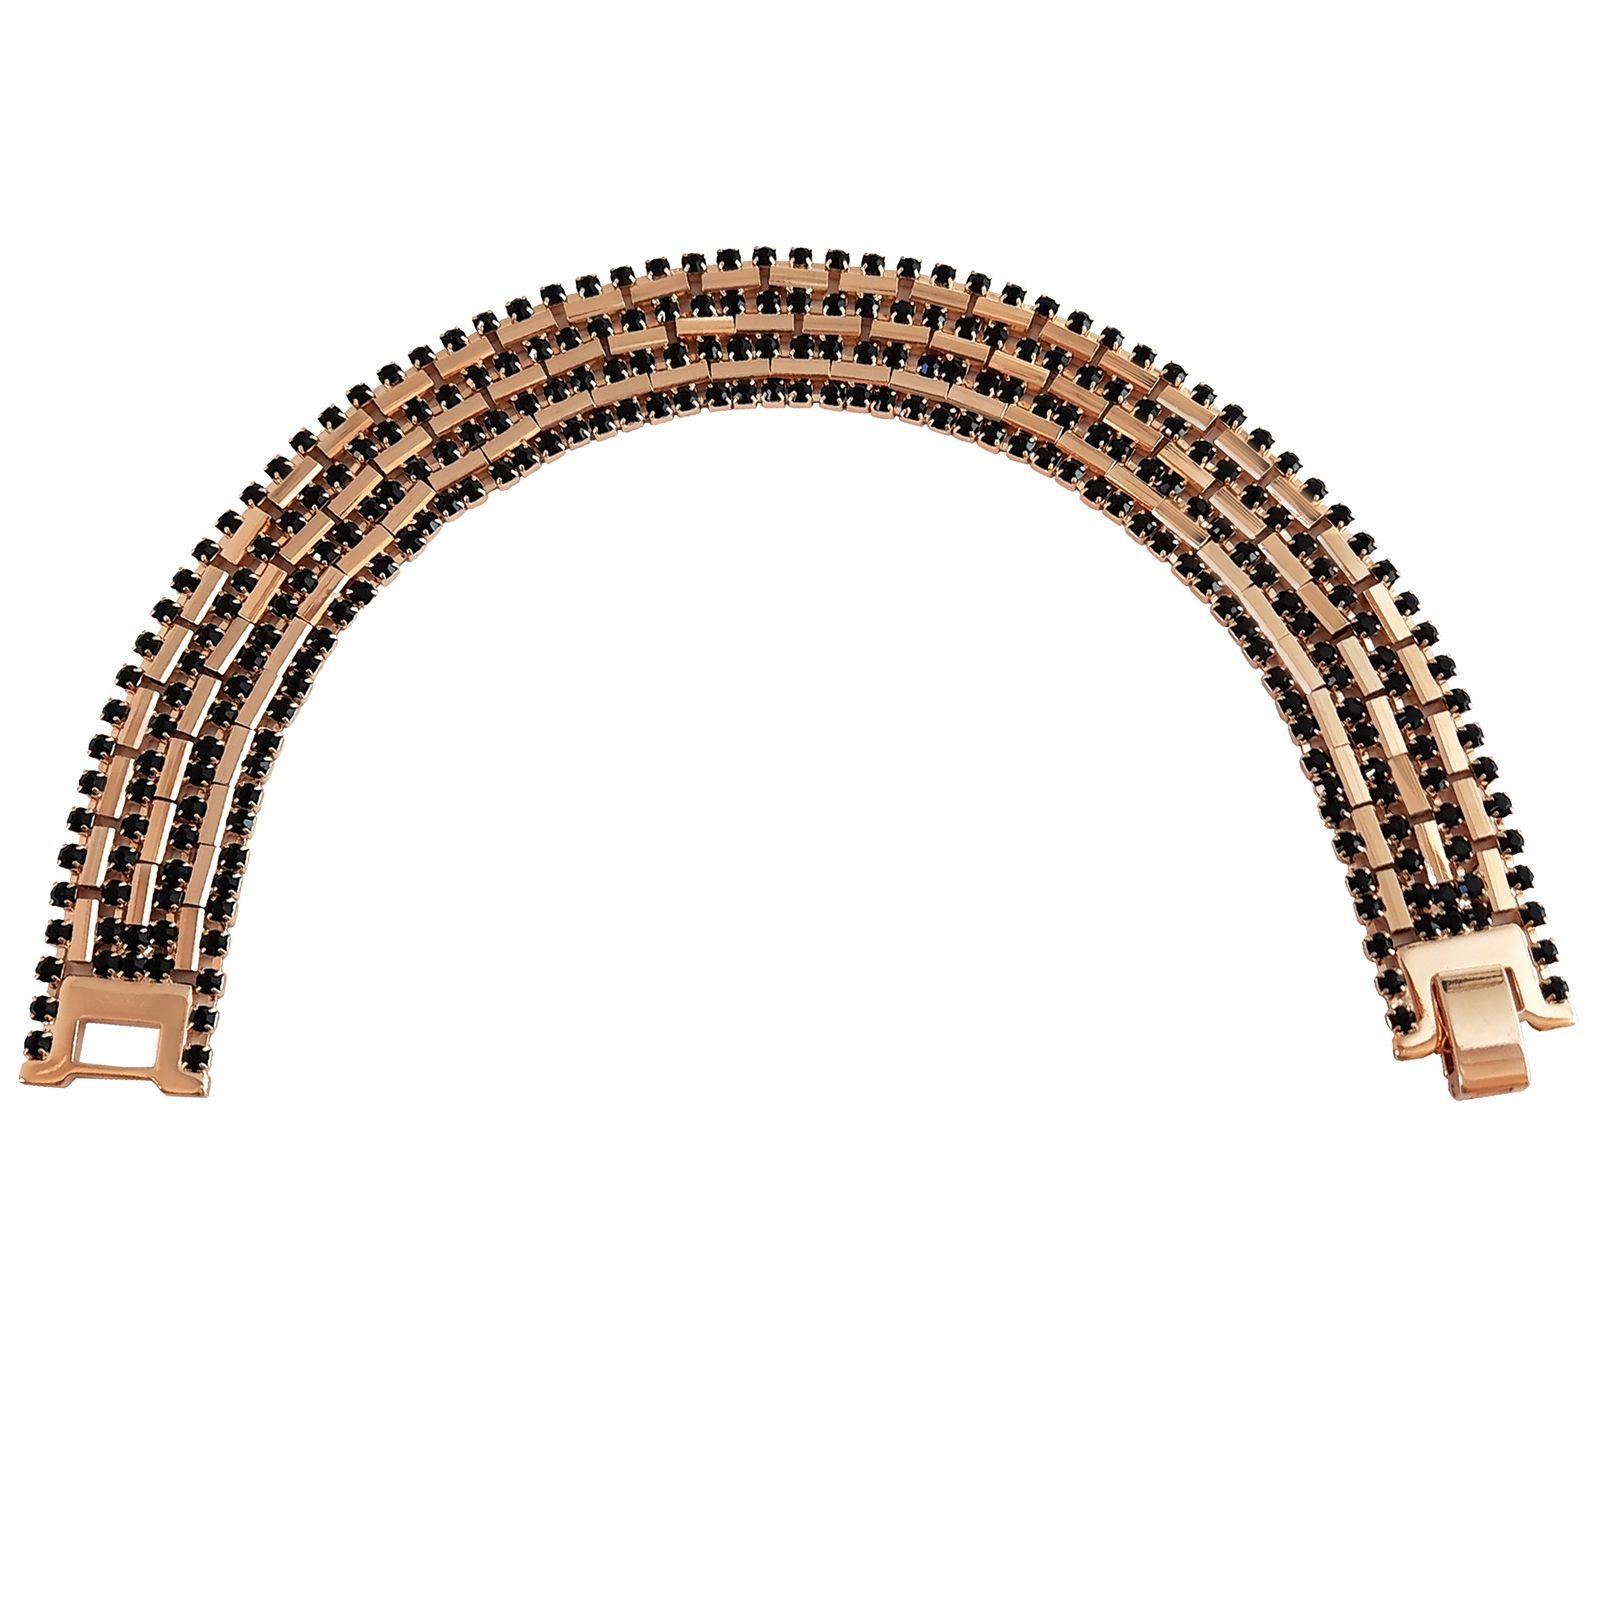 دستبند زنانه ژوپینگ  کد XP238 -  - 3